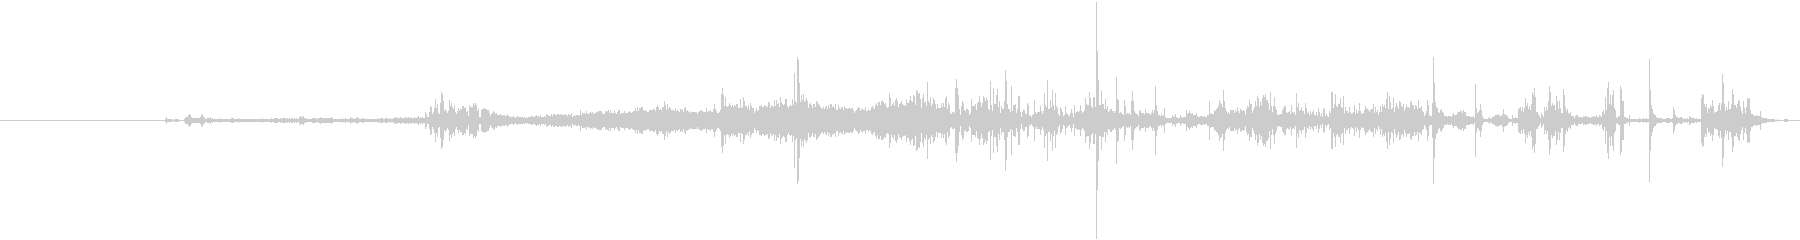 クロスカントリースキー:アプローチ...の未再生の波形